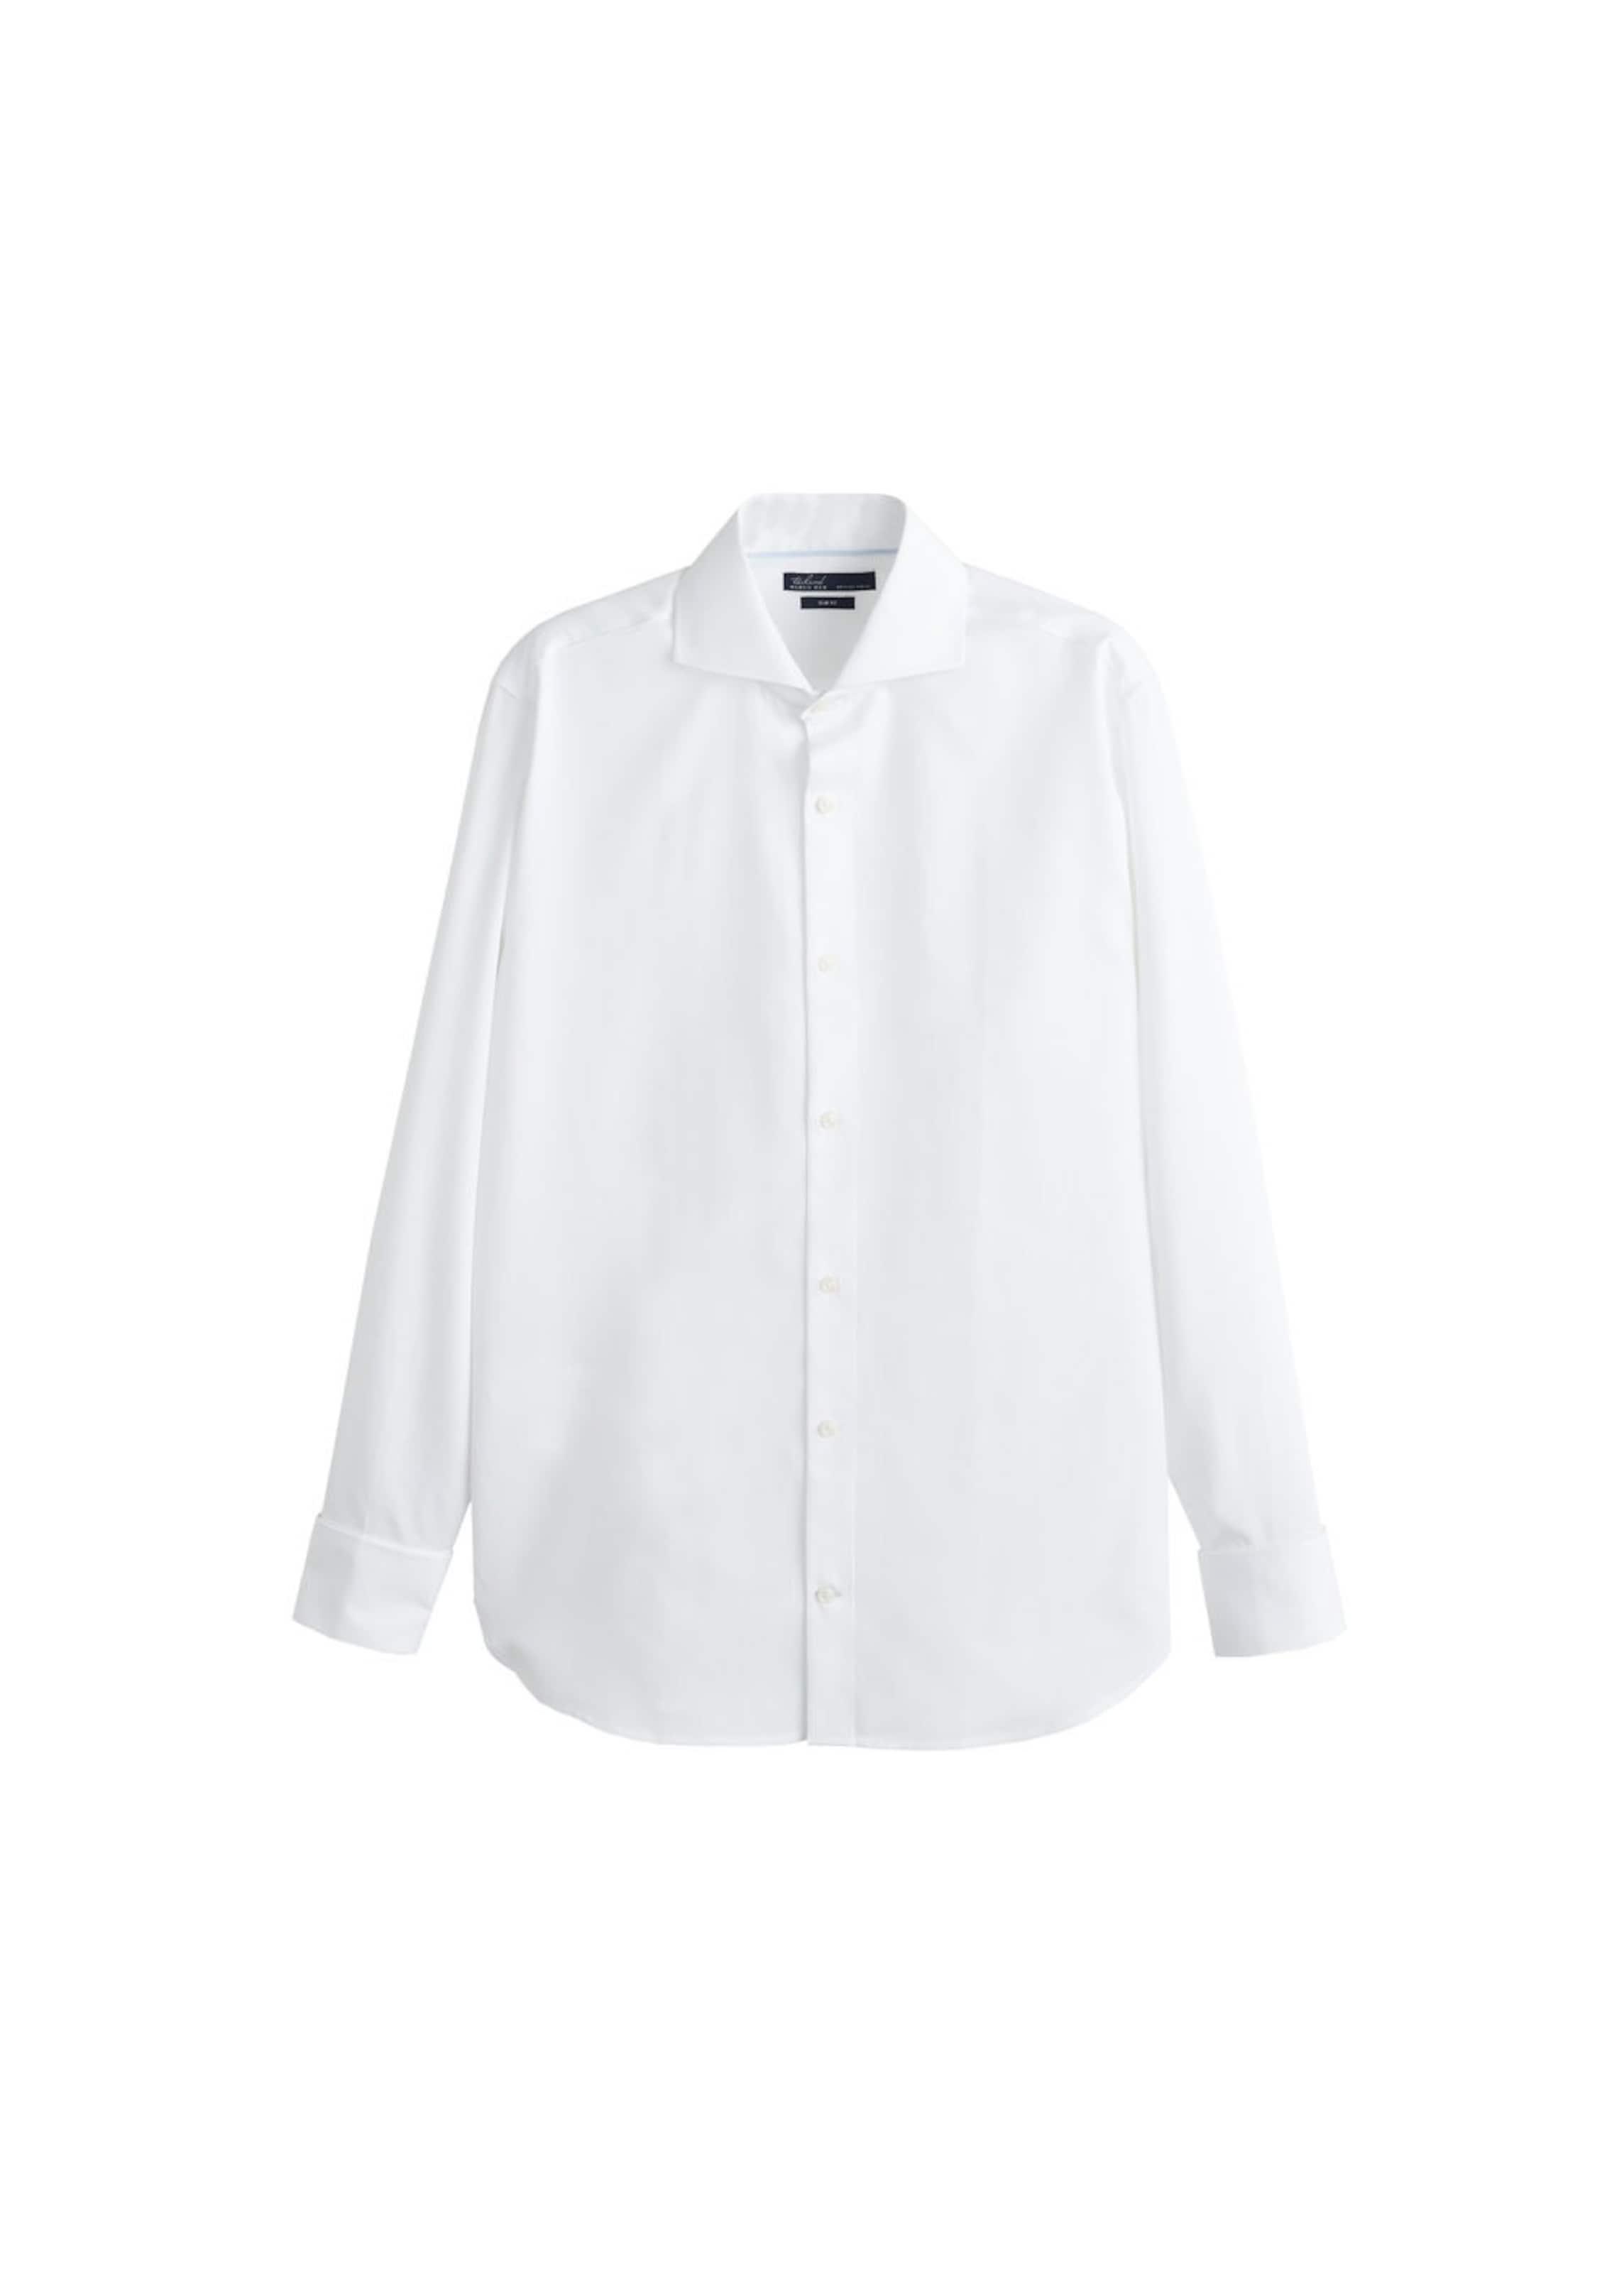 'segria' In Man Hemd Weiß 76yvbfgiy Mango 8PXnO0wNk